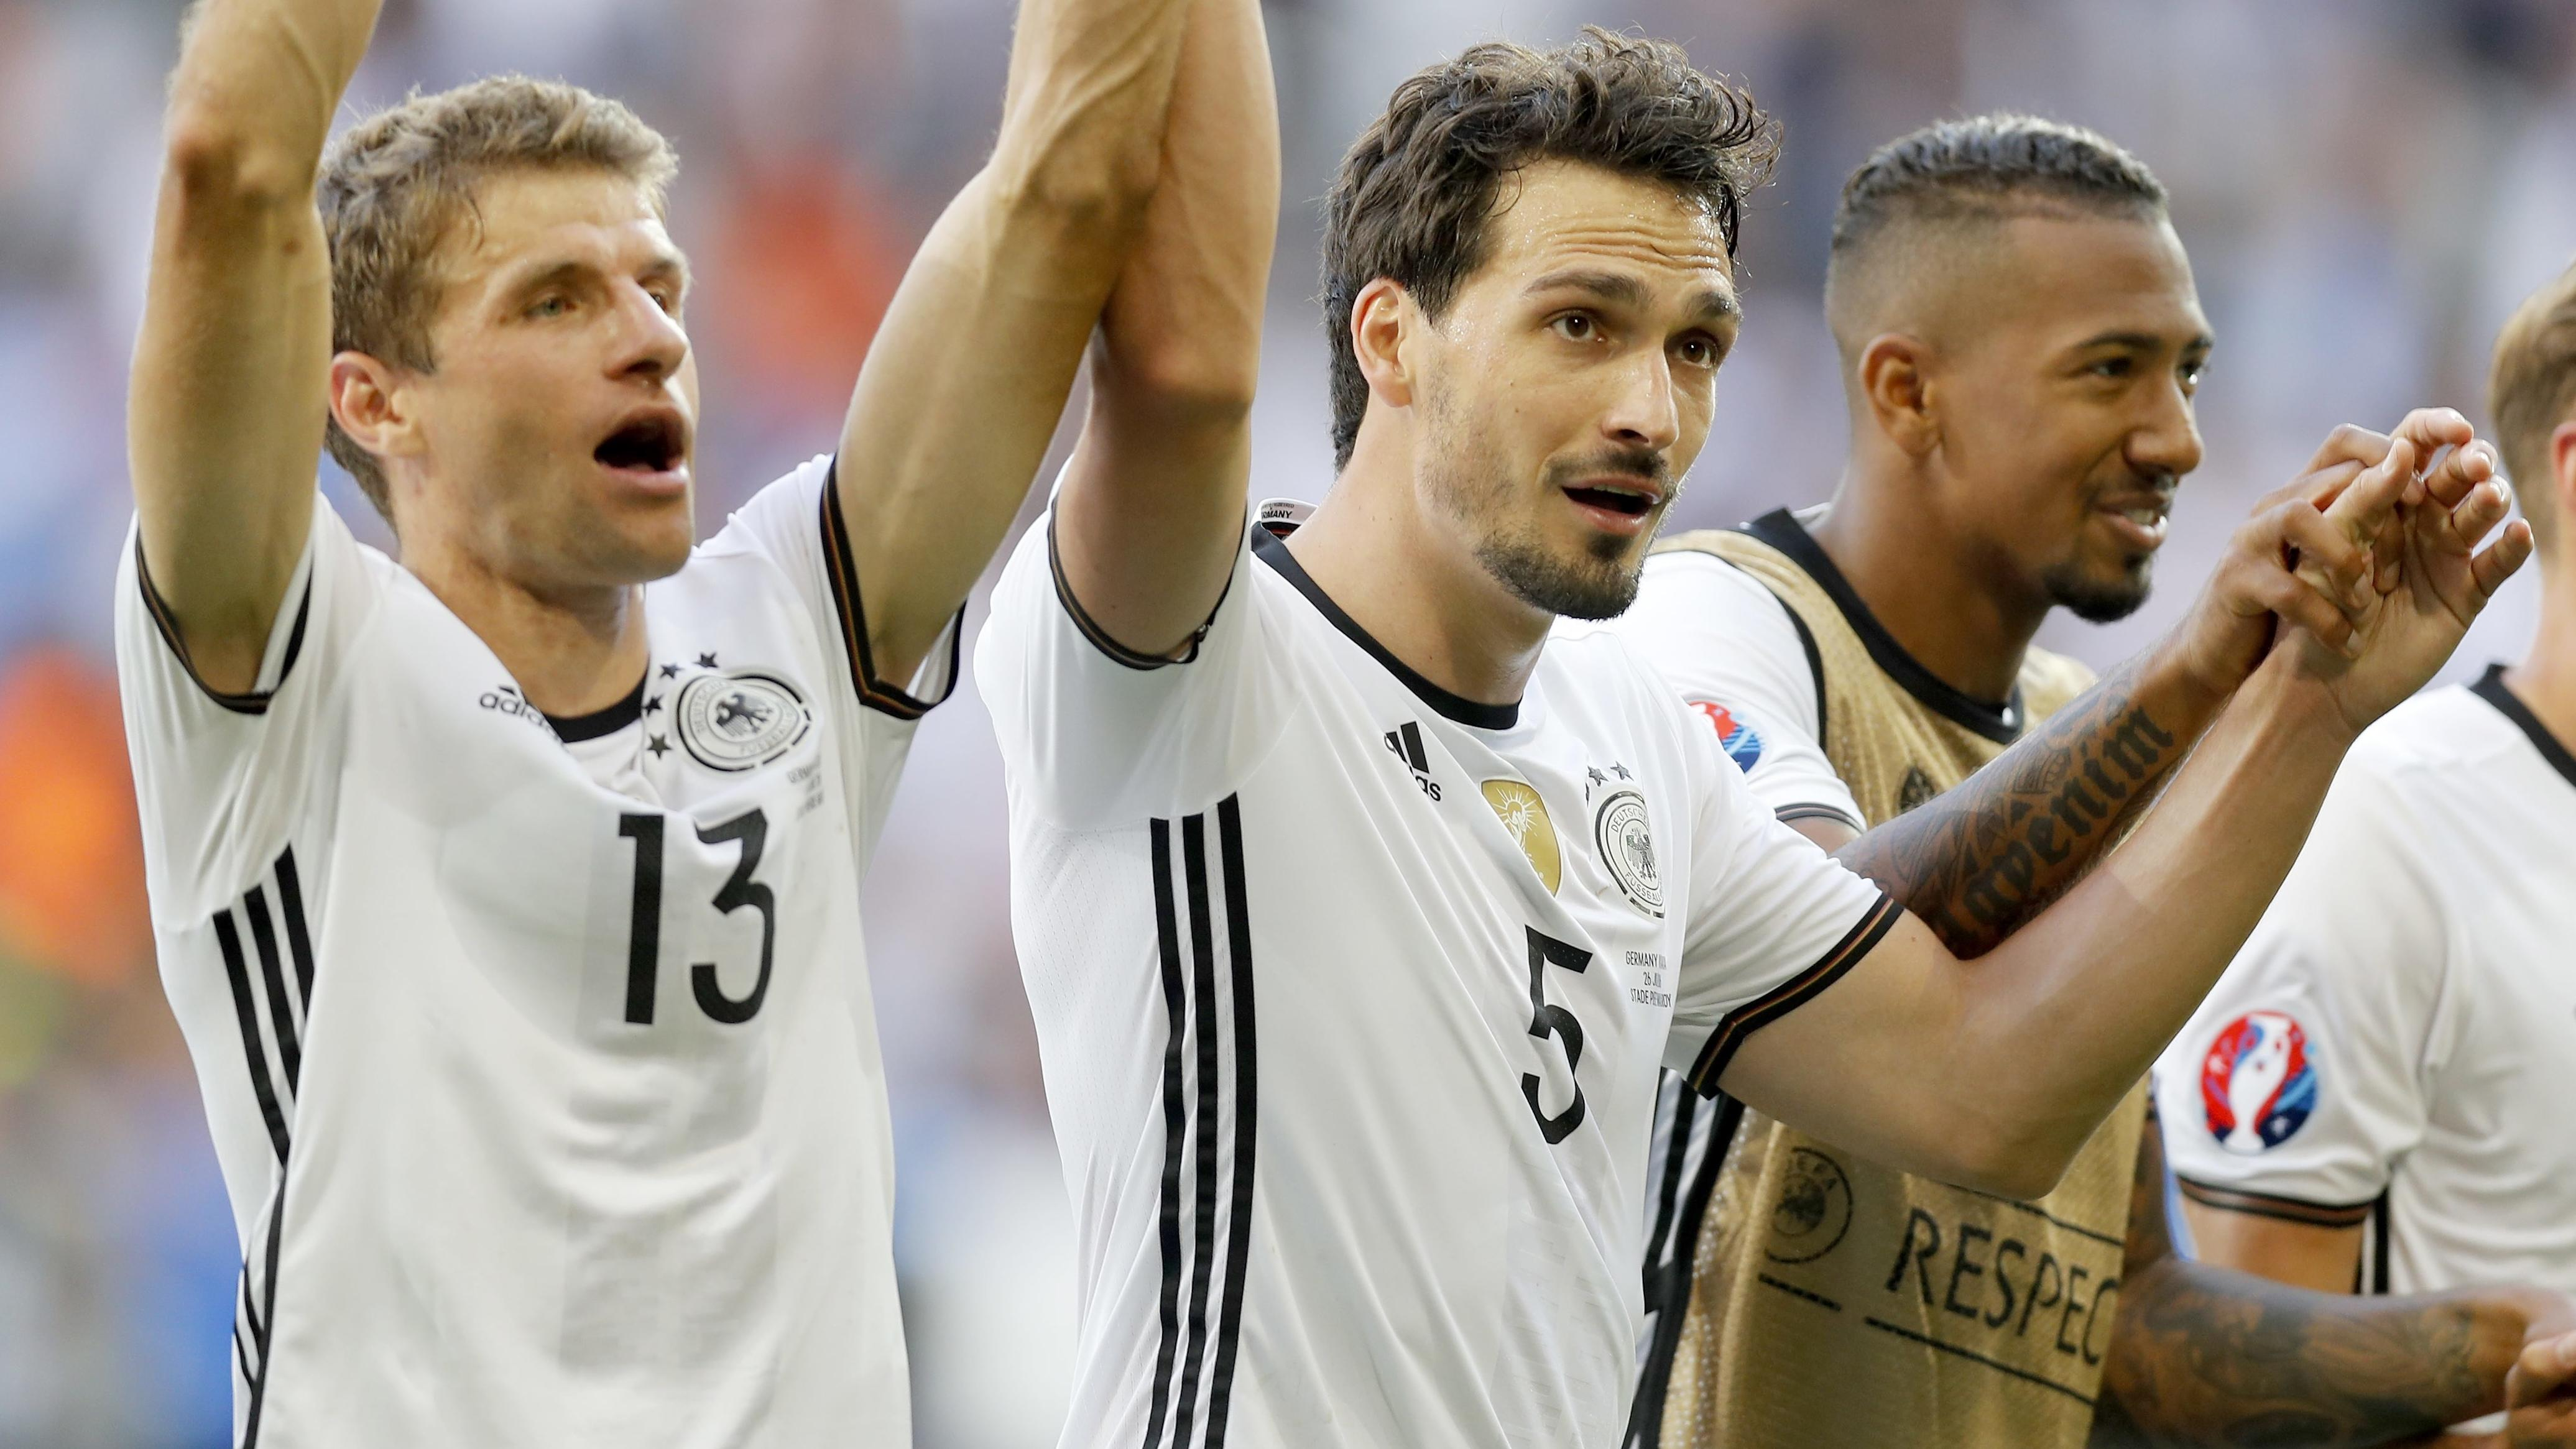 Thomas Müller, Mats Hummels und Jérôme Boateng im Trikot der Nationalmannschaft